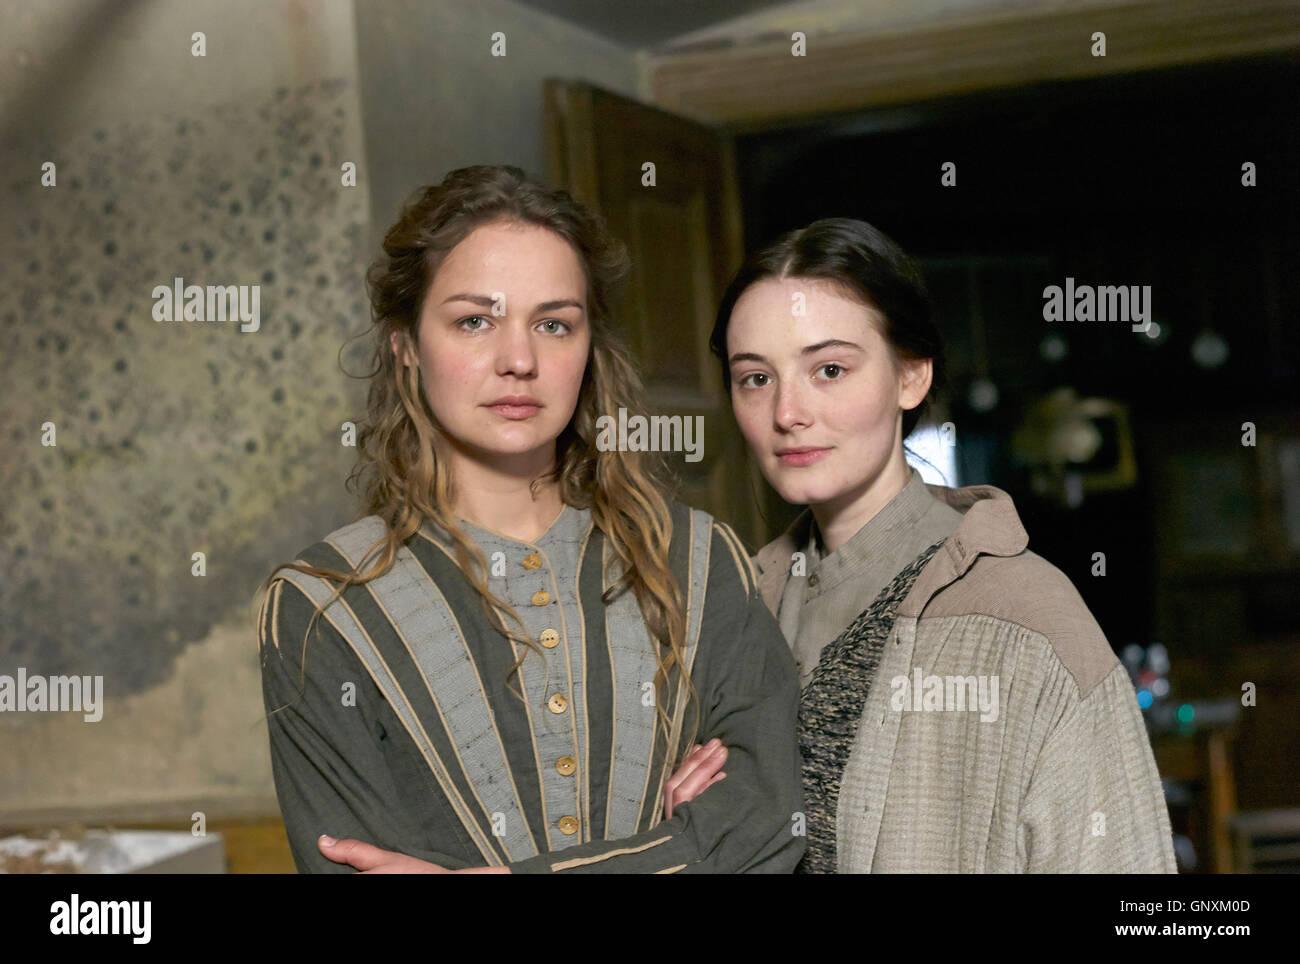 Zwillingsschwestern datieren